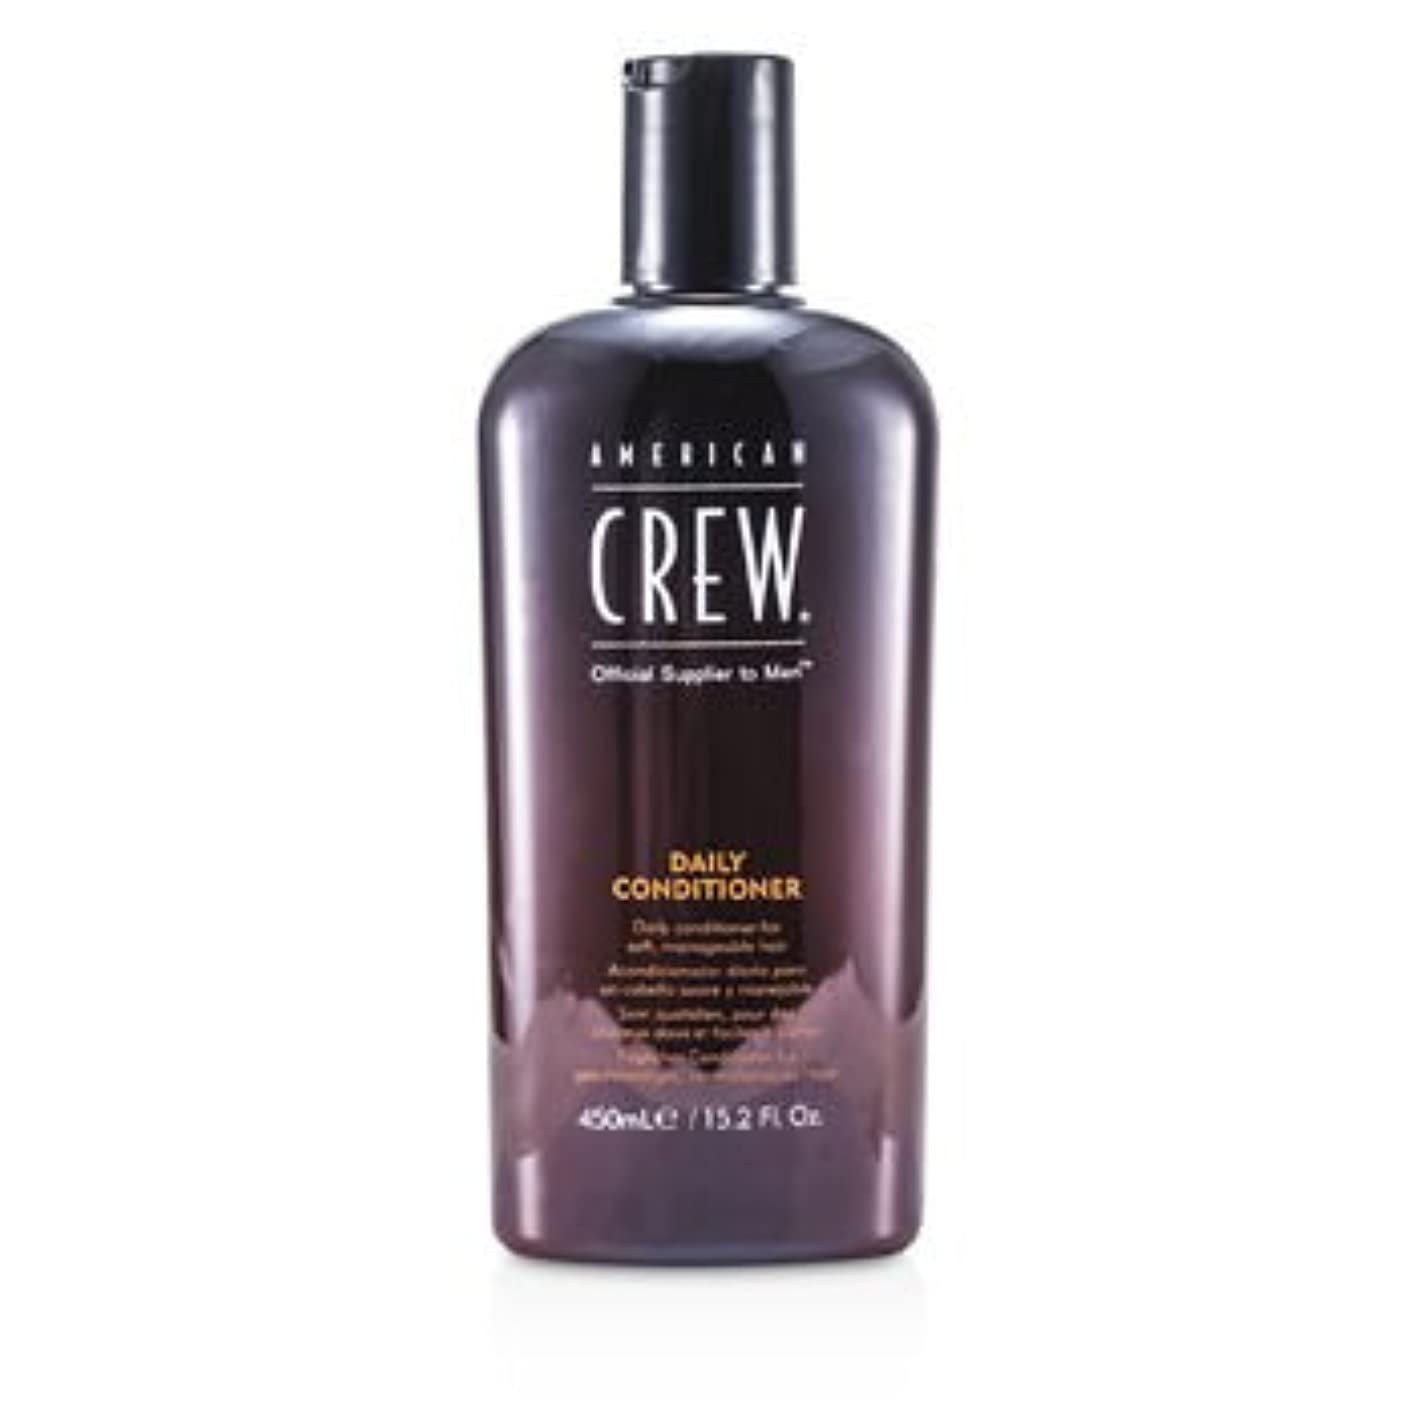 変化慢性的老朽化した[American Crew] Men Daily Conditioner (For Soft Manageable Hair) 450ml/15.2oz